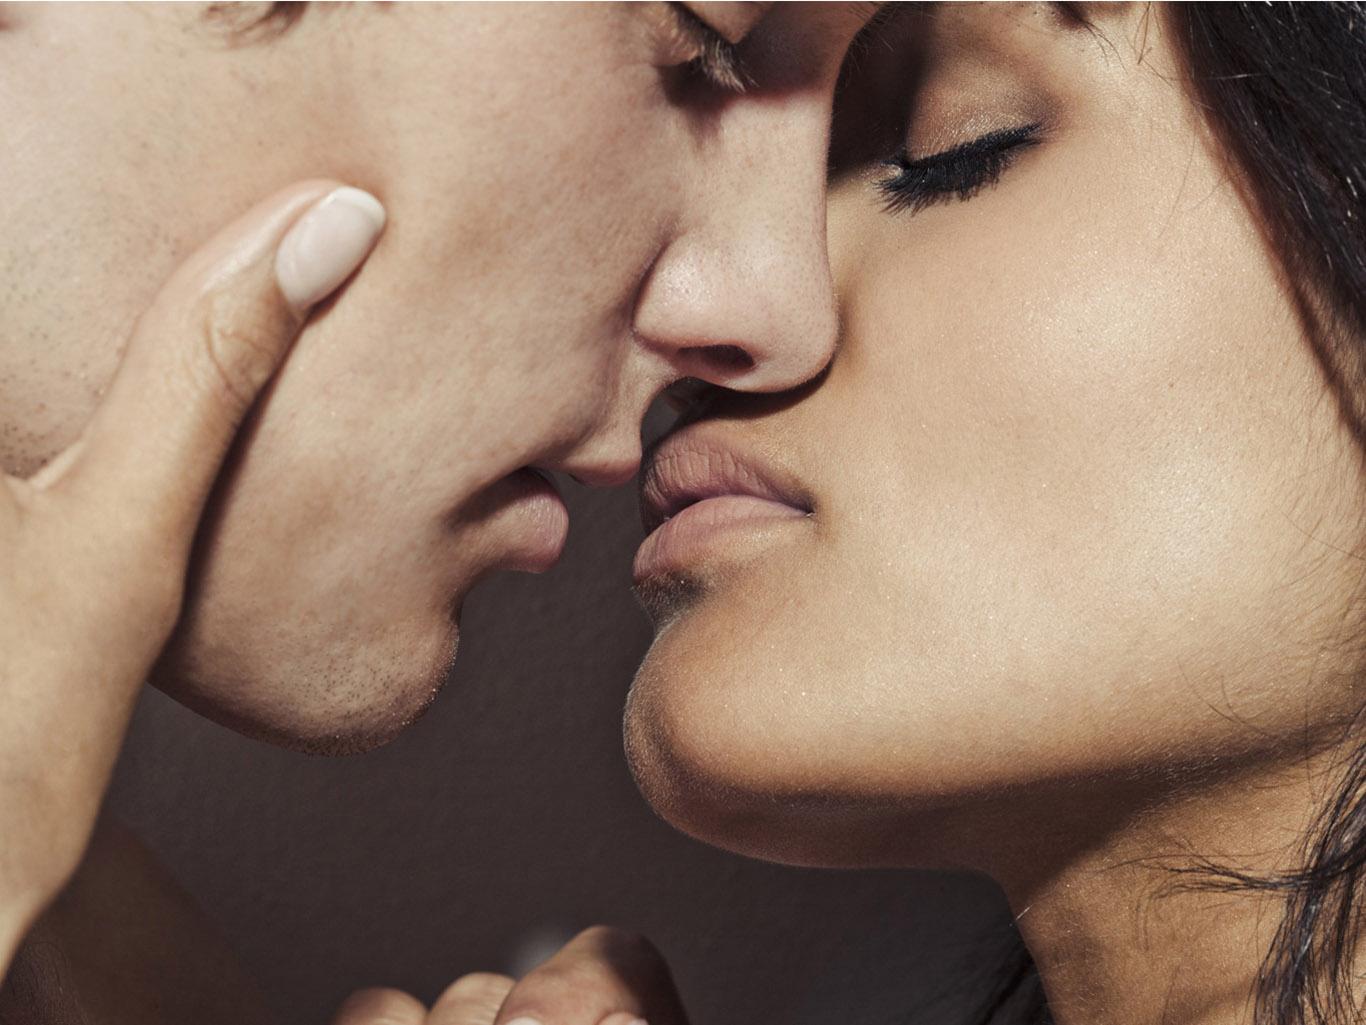 Поцелуи секс фото